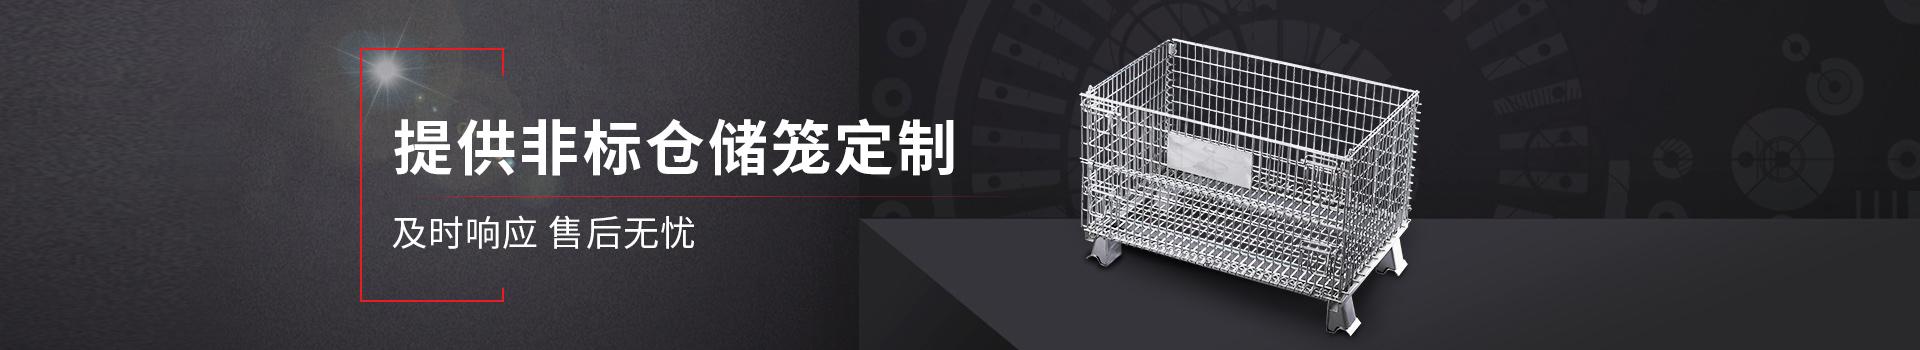 大江仓储笼提供非标仓储笼定制 及时响应 售后无忧